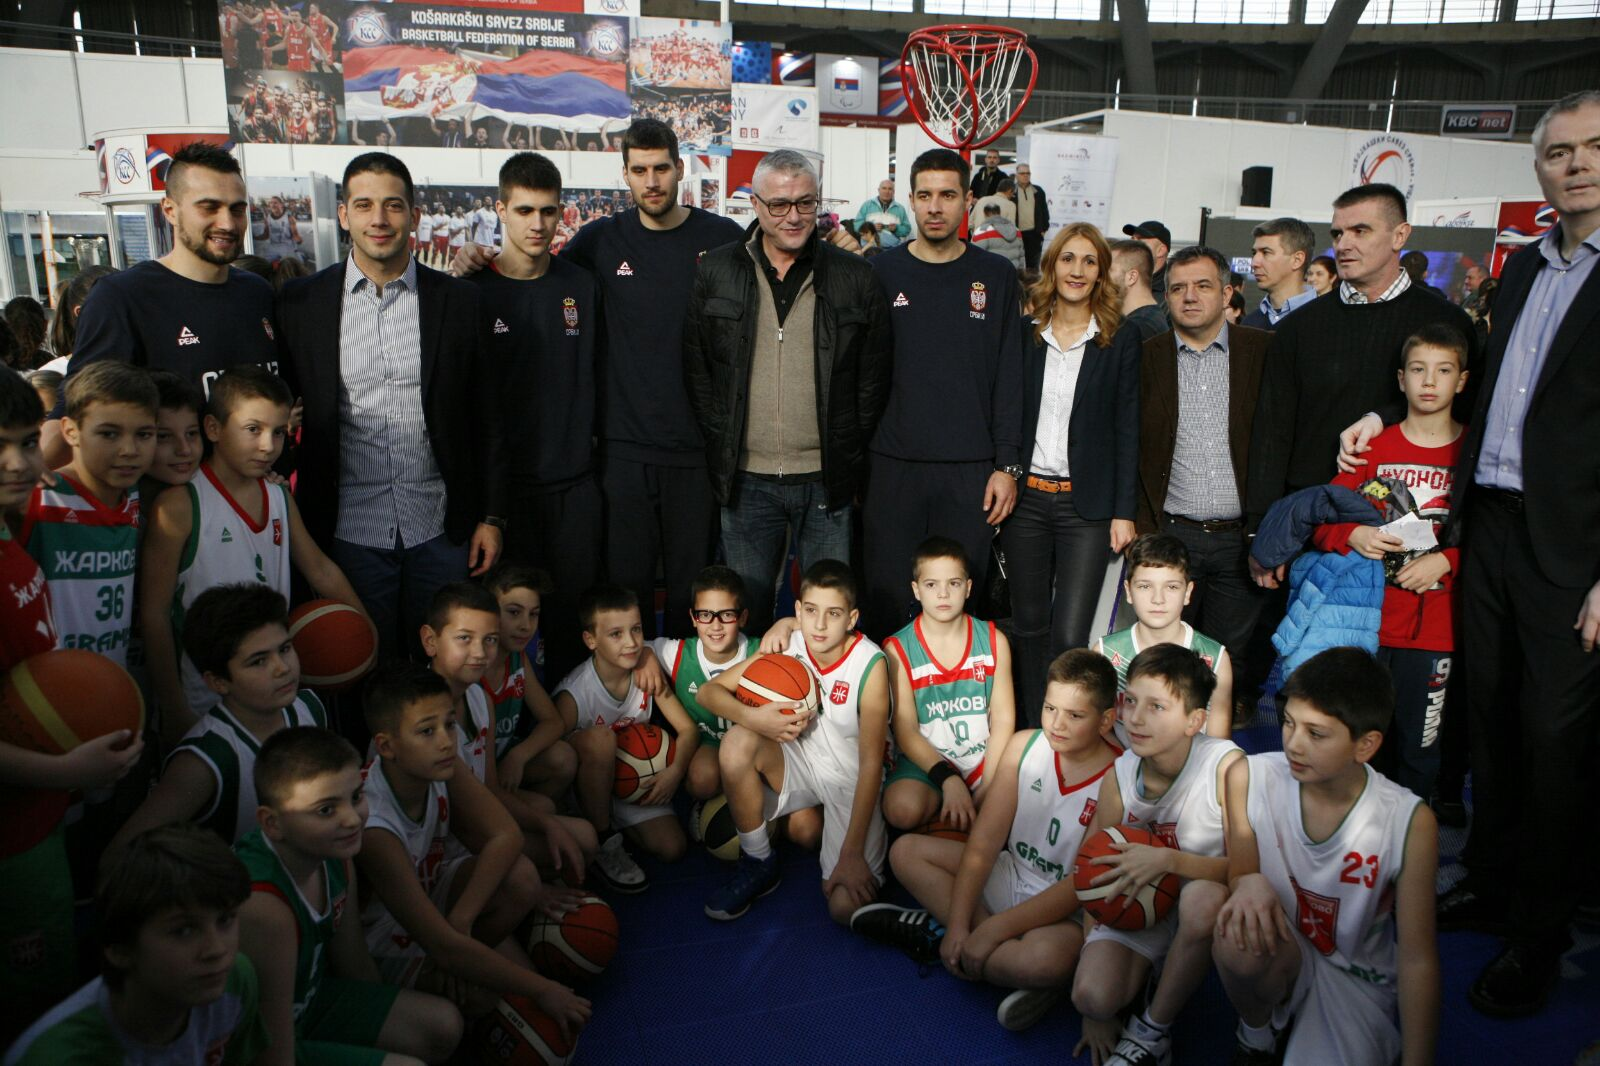 Дружење са шампионима на Сајму спорта